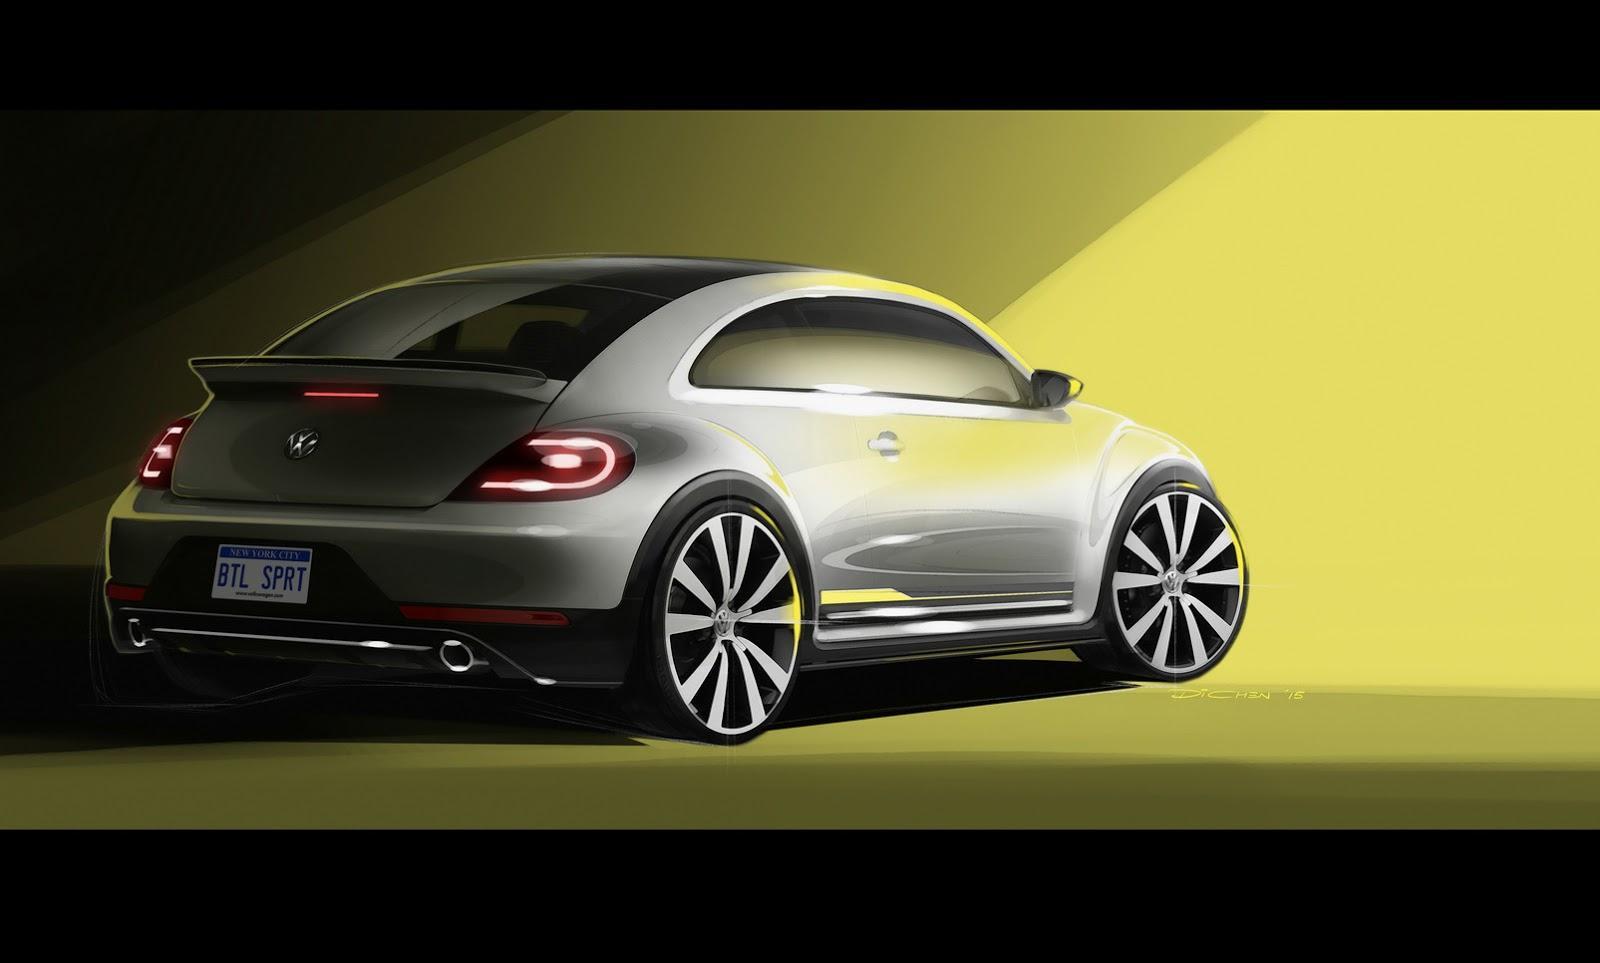 VW Beetle R-Line Concept